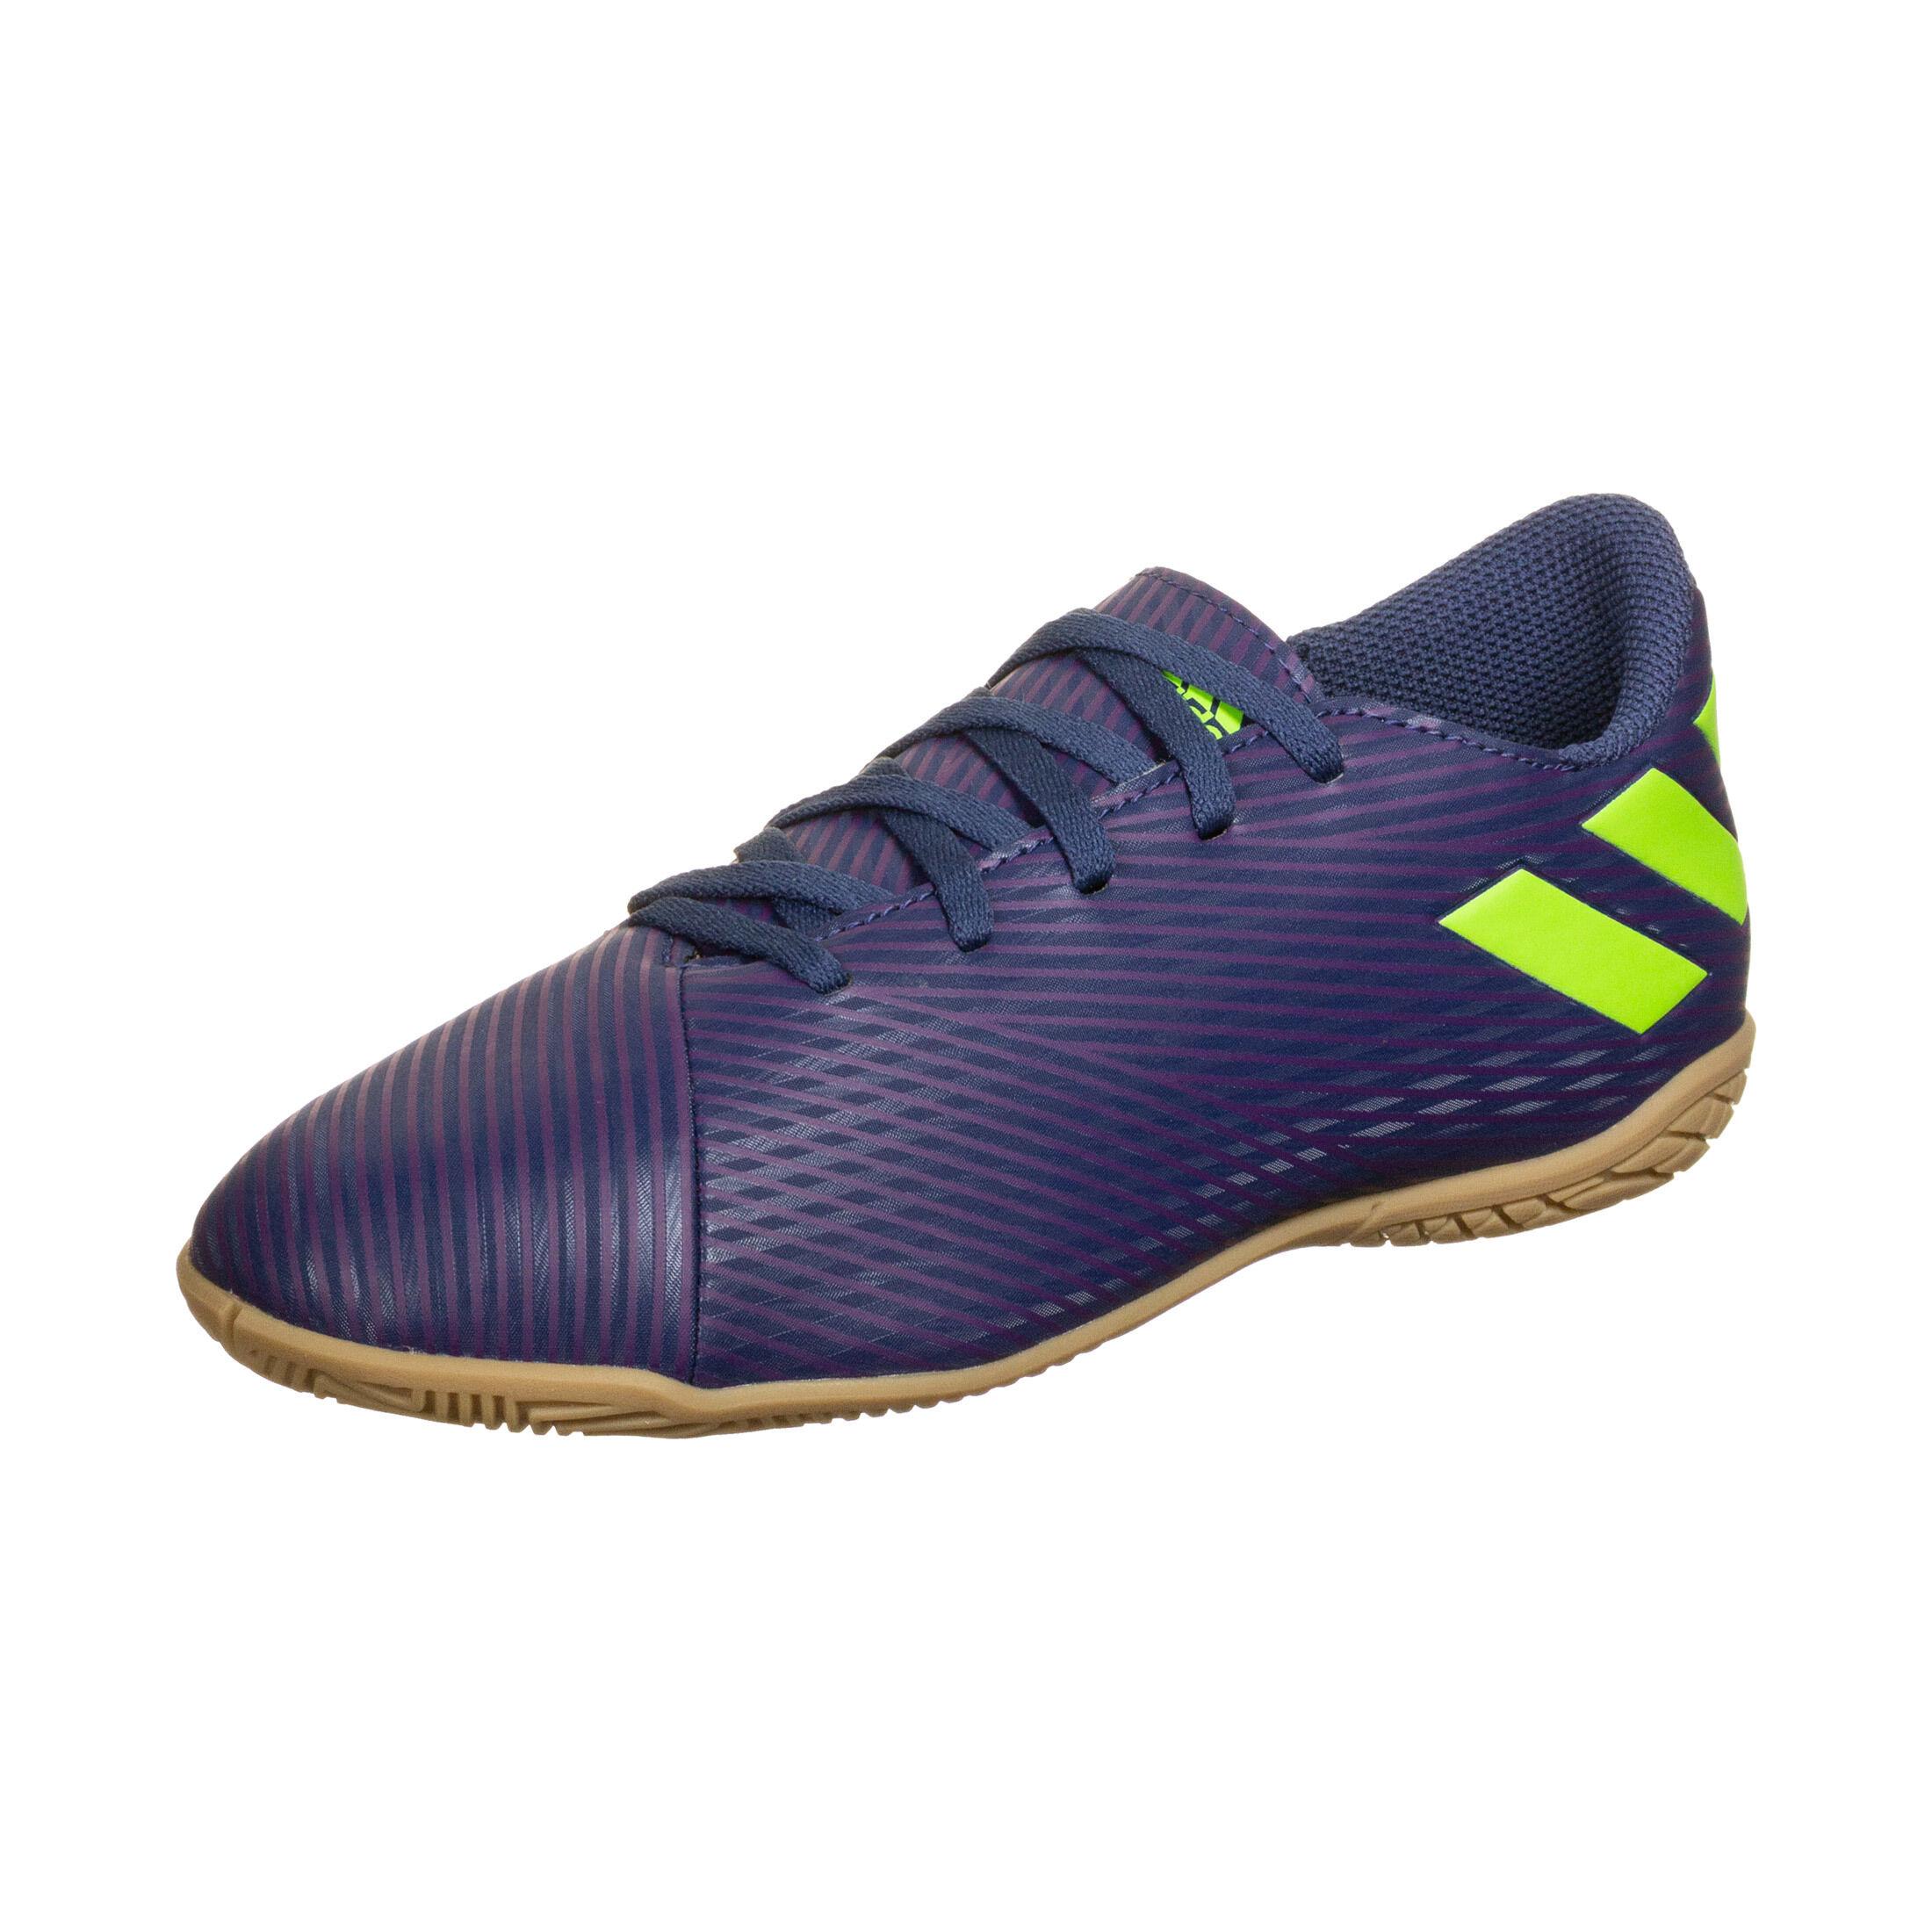 Neues Produkt adidas fußballschuhe mit socken Schuhe